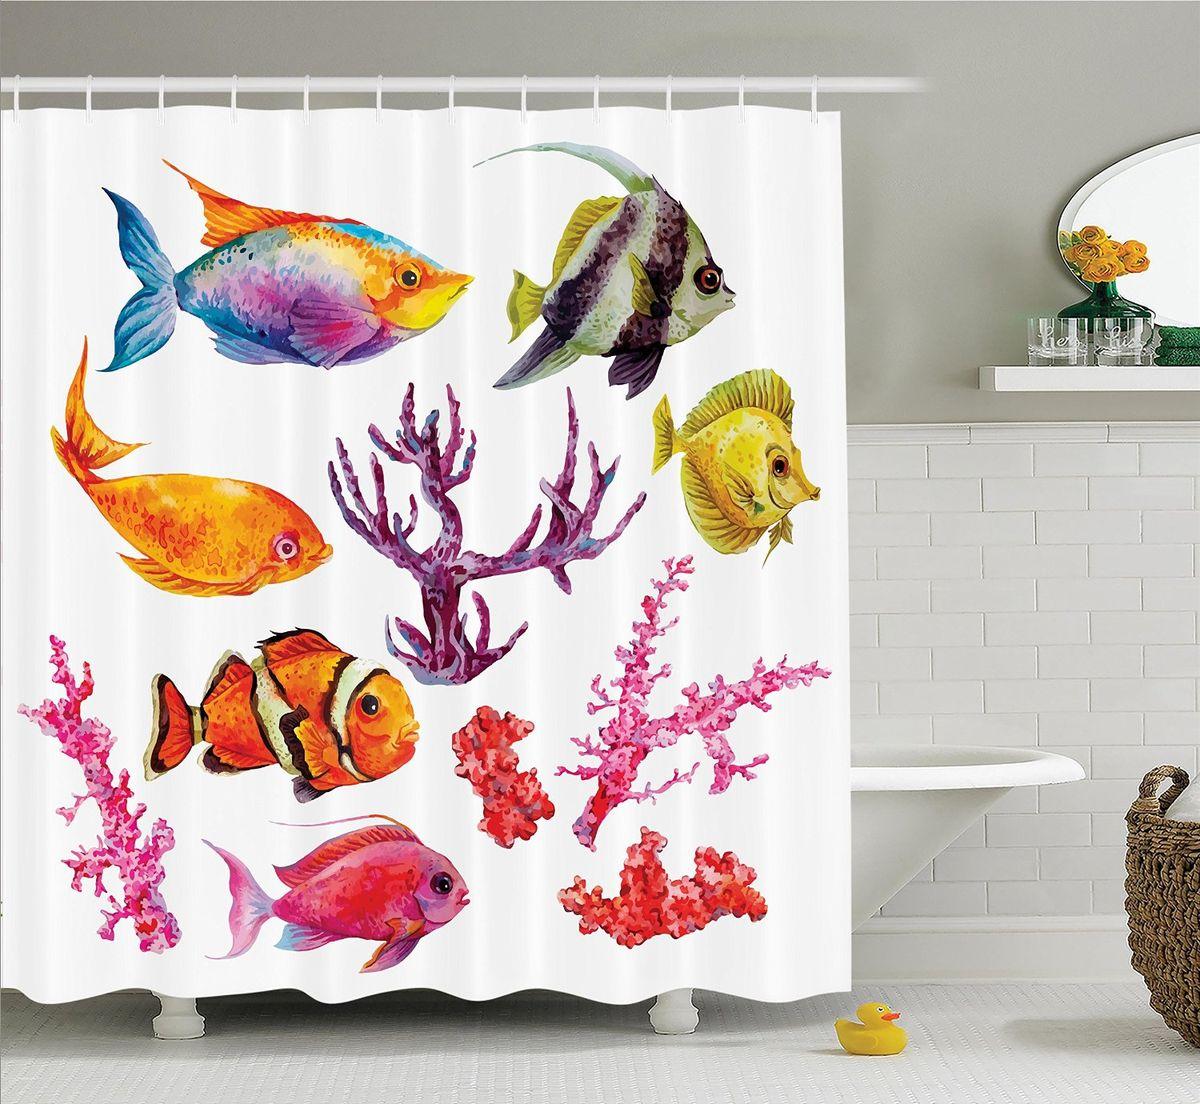 Штора для ванной комнаты Magic Lady Рыбы и кораллы, 180 х 200 см12723Штора Magic Lady Рыбы и кораллы, изготовленная из высококачественного сатена (полиэстер 100%), отлично дополнит любой интерьер ванной комнаты. При изготовлении используются специальные гипоаллергенные чернила для прямой печати по ткани, безопасные для человека.В комплекте: 1 штора, 12 крючков. Обращаем ваше внимание, фактический цвет изделия может незначительно отличаться от представленного на фото.